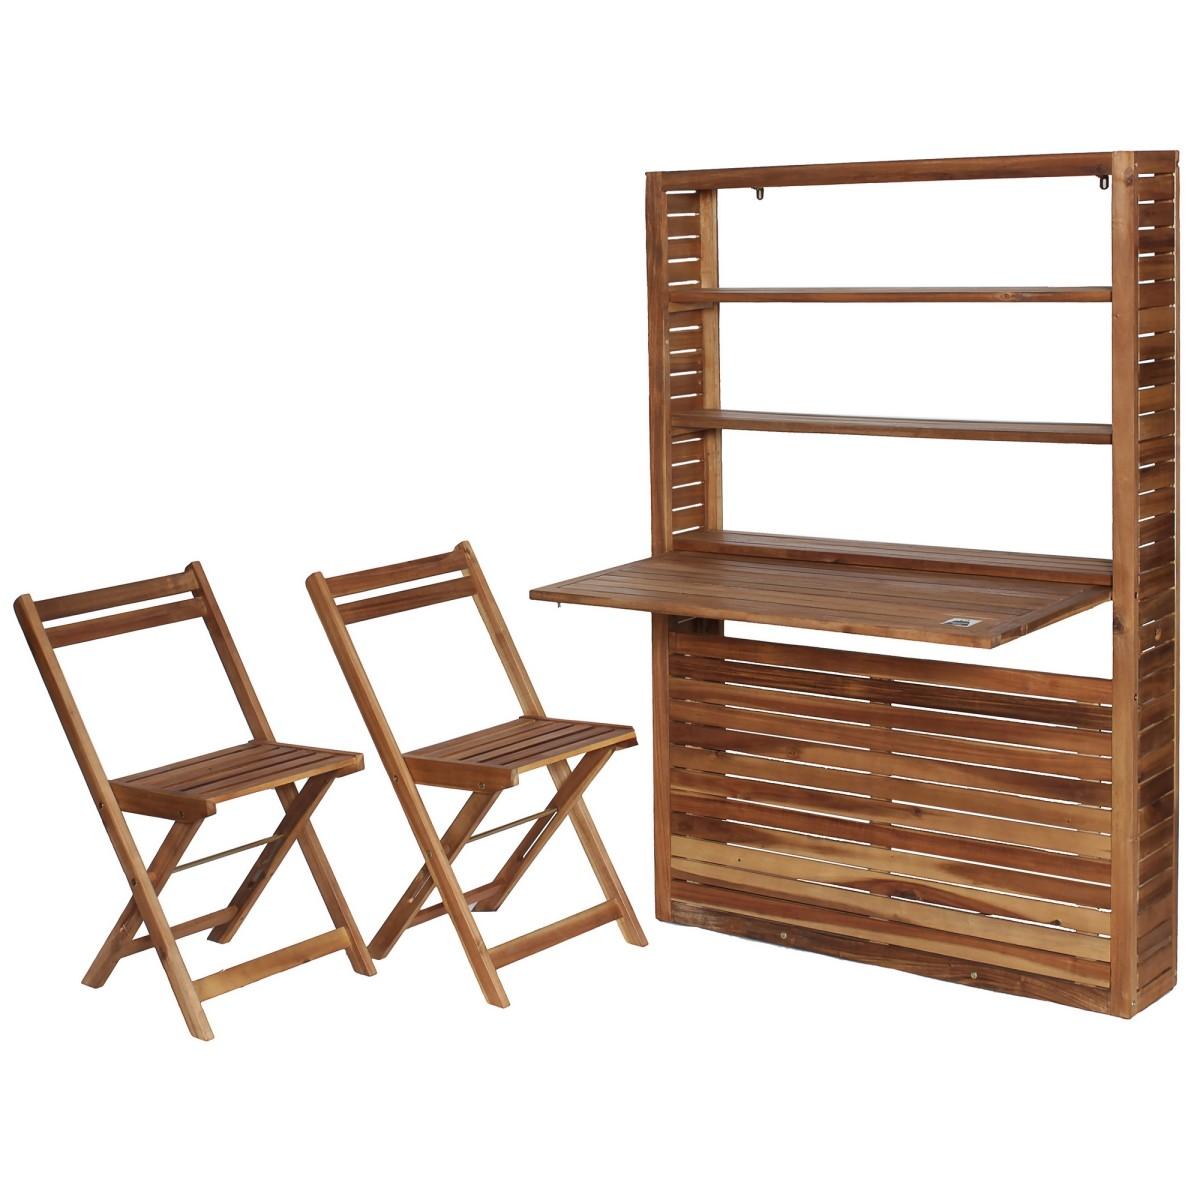 Набор садовой мебели Naterial Porto Compact Plus складной акация стеллаж с откидной столешницей и 2 стула